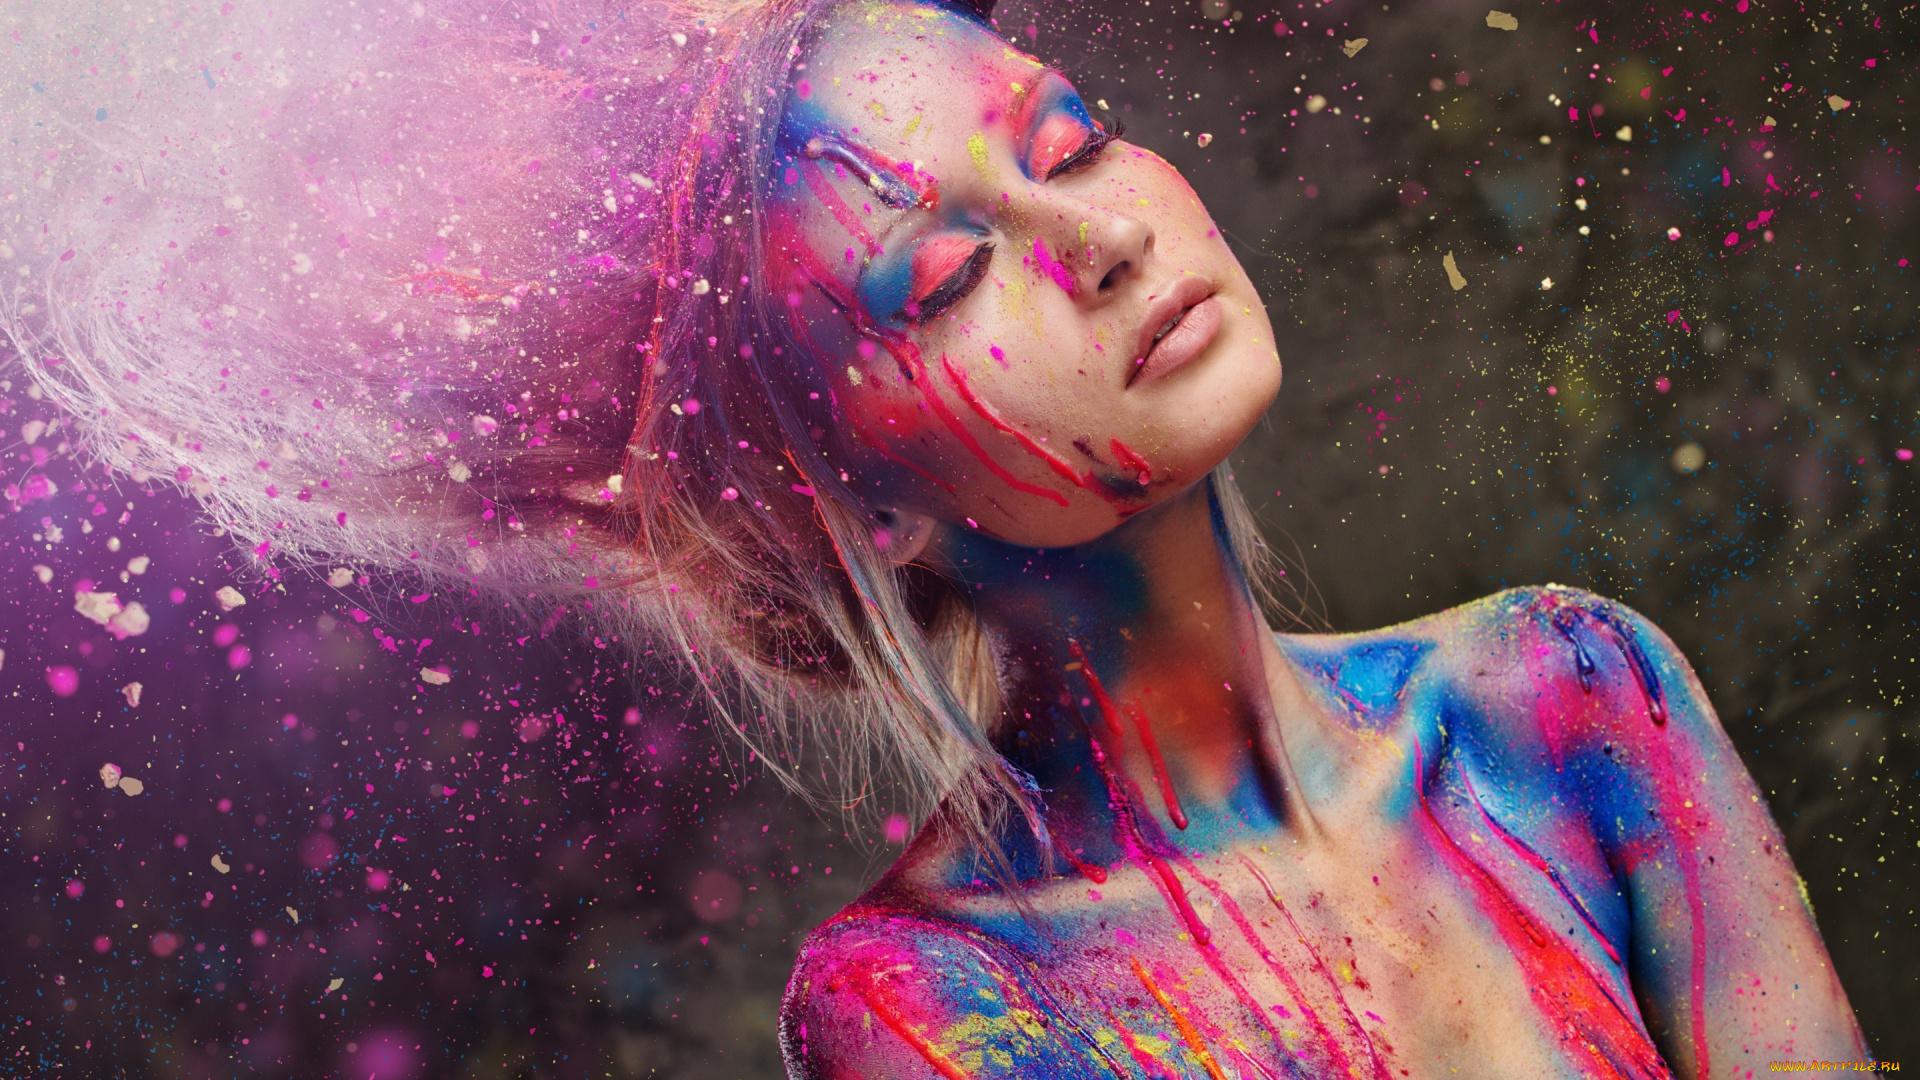 отдыха креативные картинки стиль приходит сознание земле